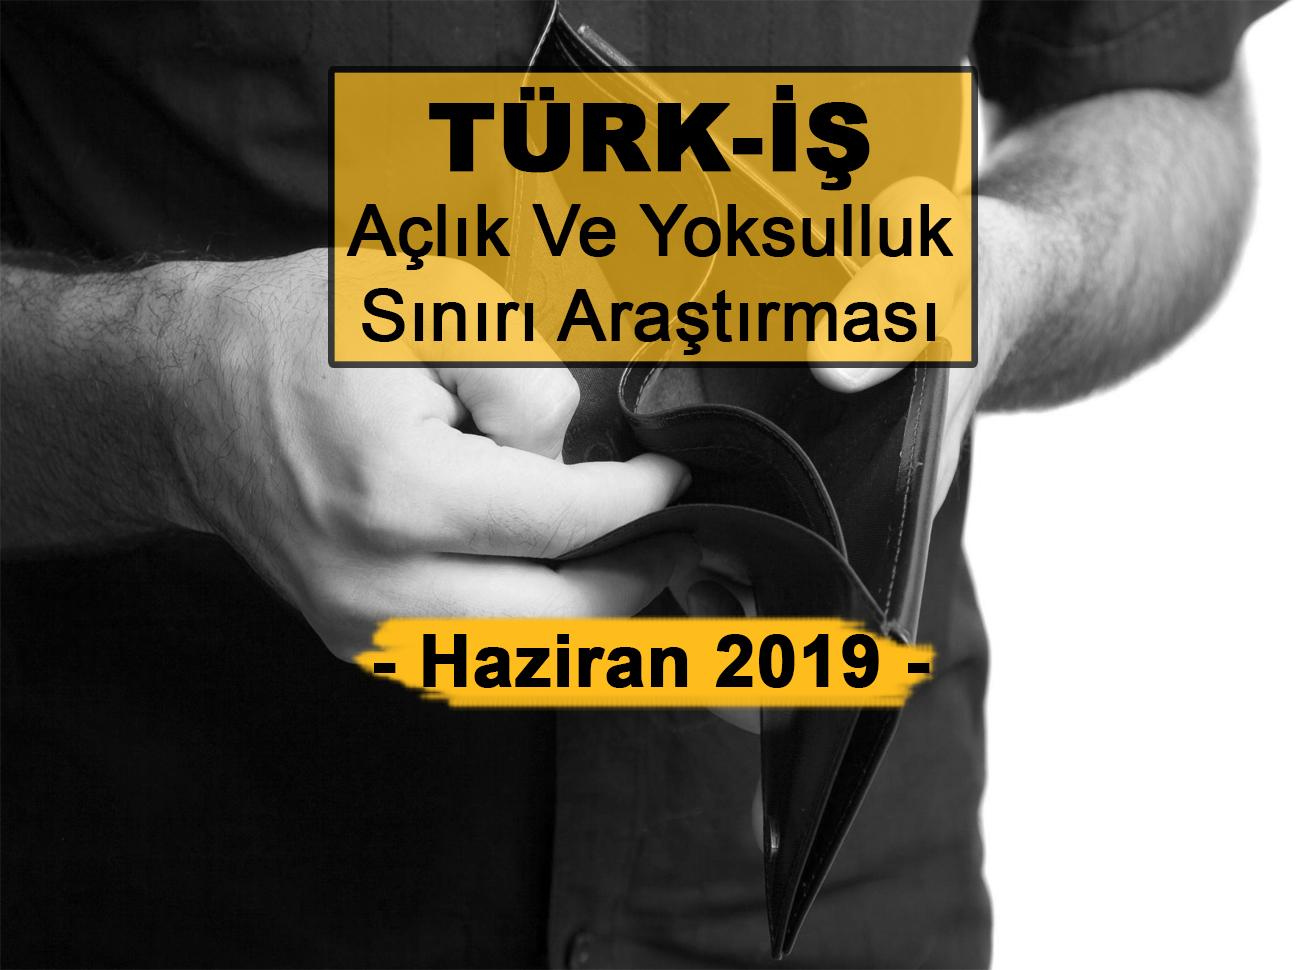 TÜRK-İŞ Açlık Ve Yoksulluk Sınırı Haziran 2019